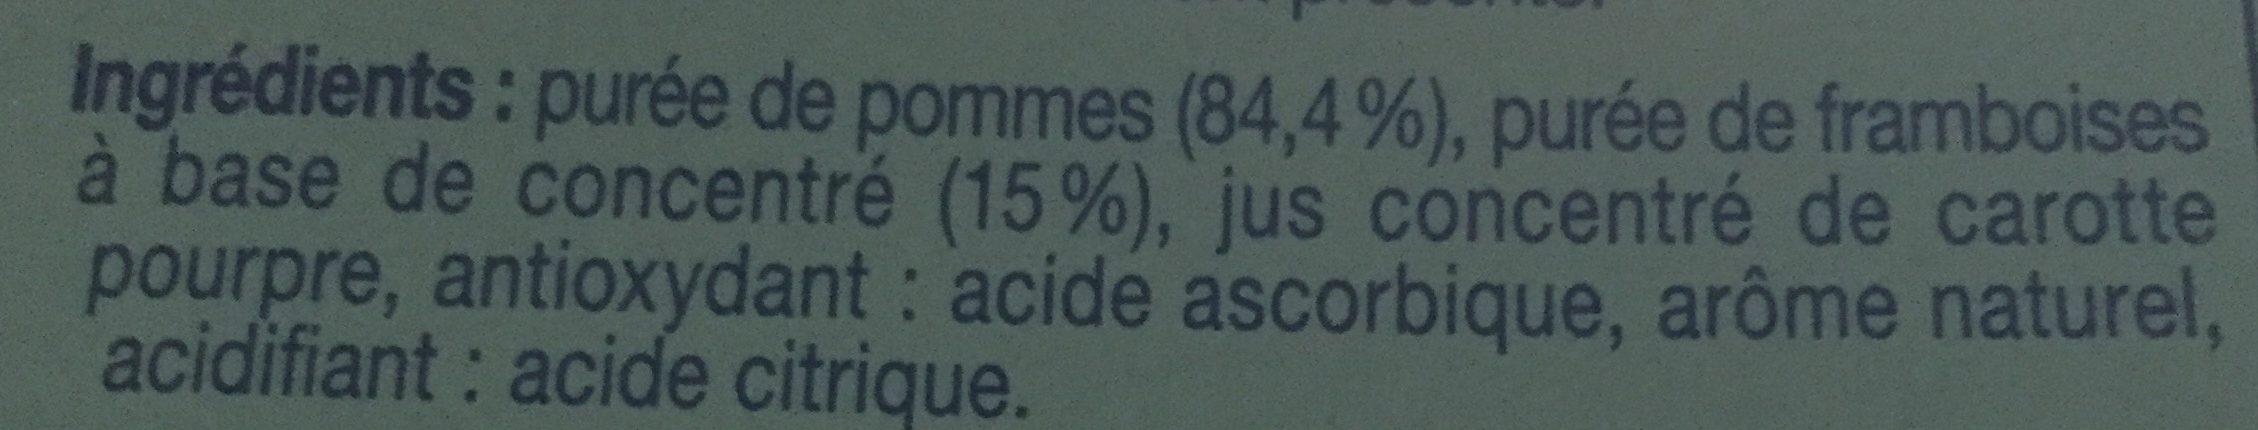 Compote pomme framboise sans sucres ajoutés - Ingrédients